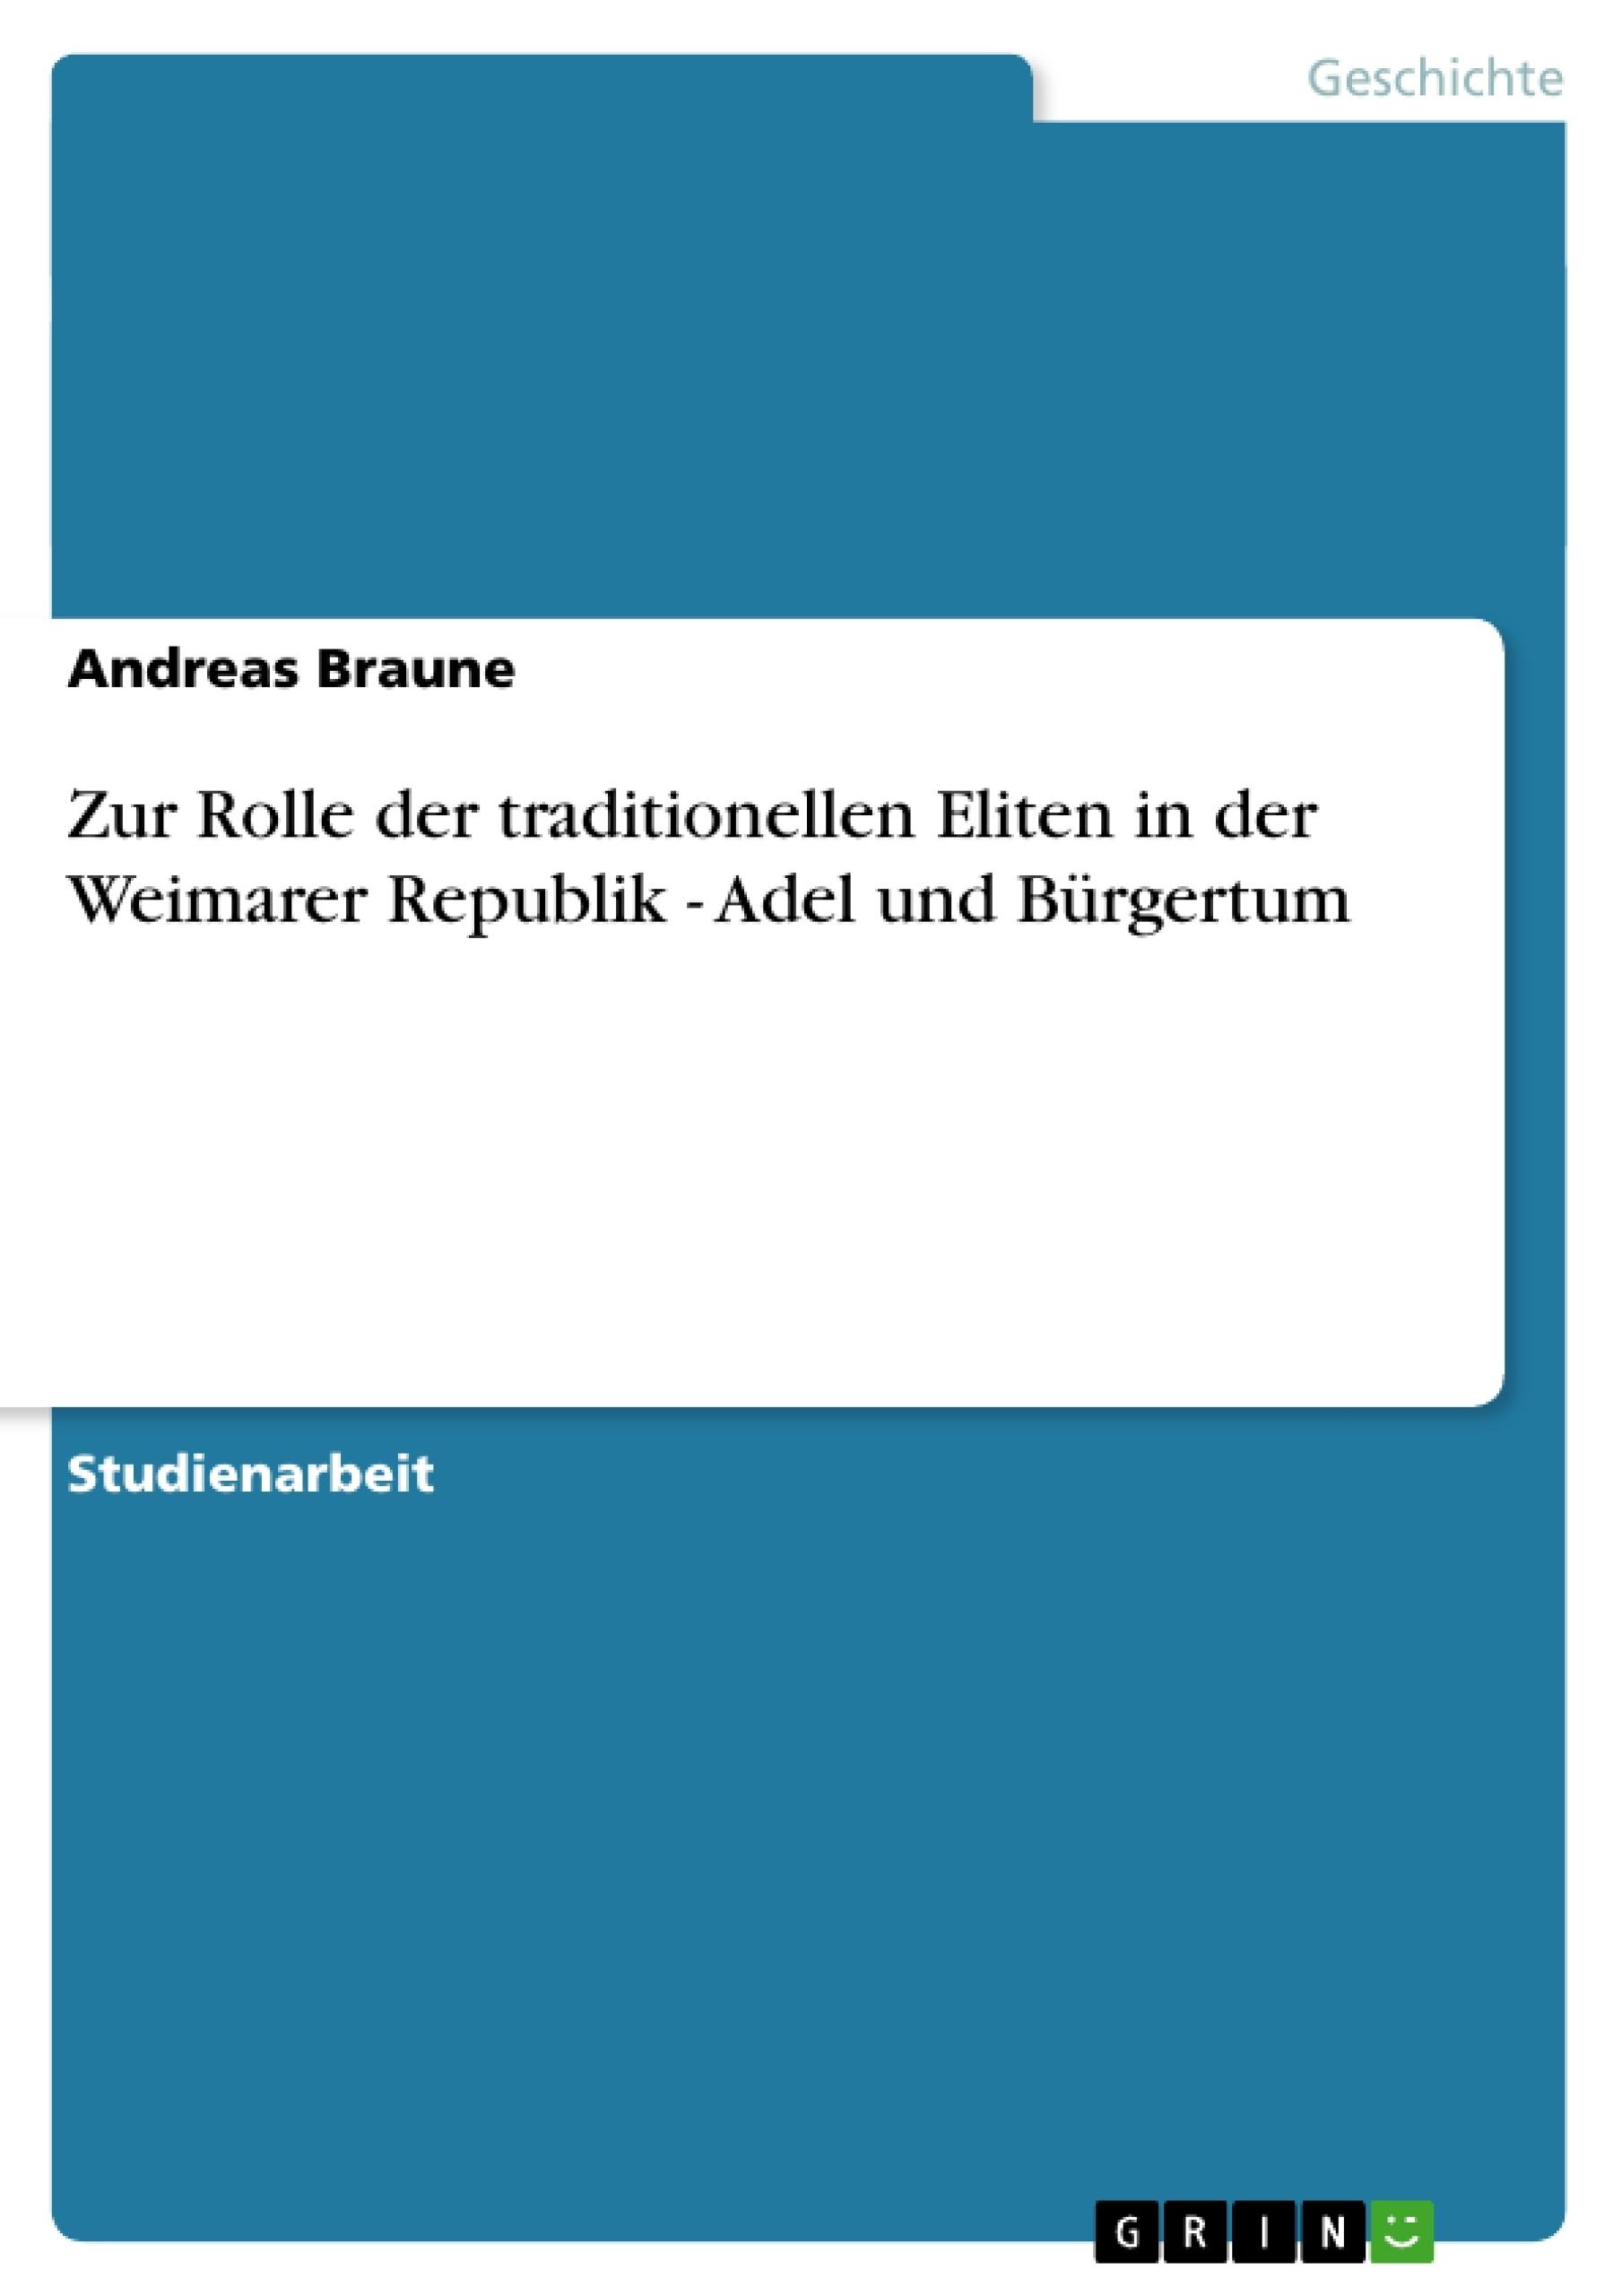 Titel: Zur Rolle der traditionellen Eliten in der Weimarer Republik - Adel und Bürgertum